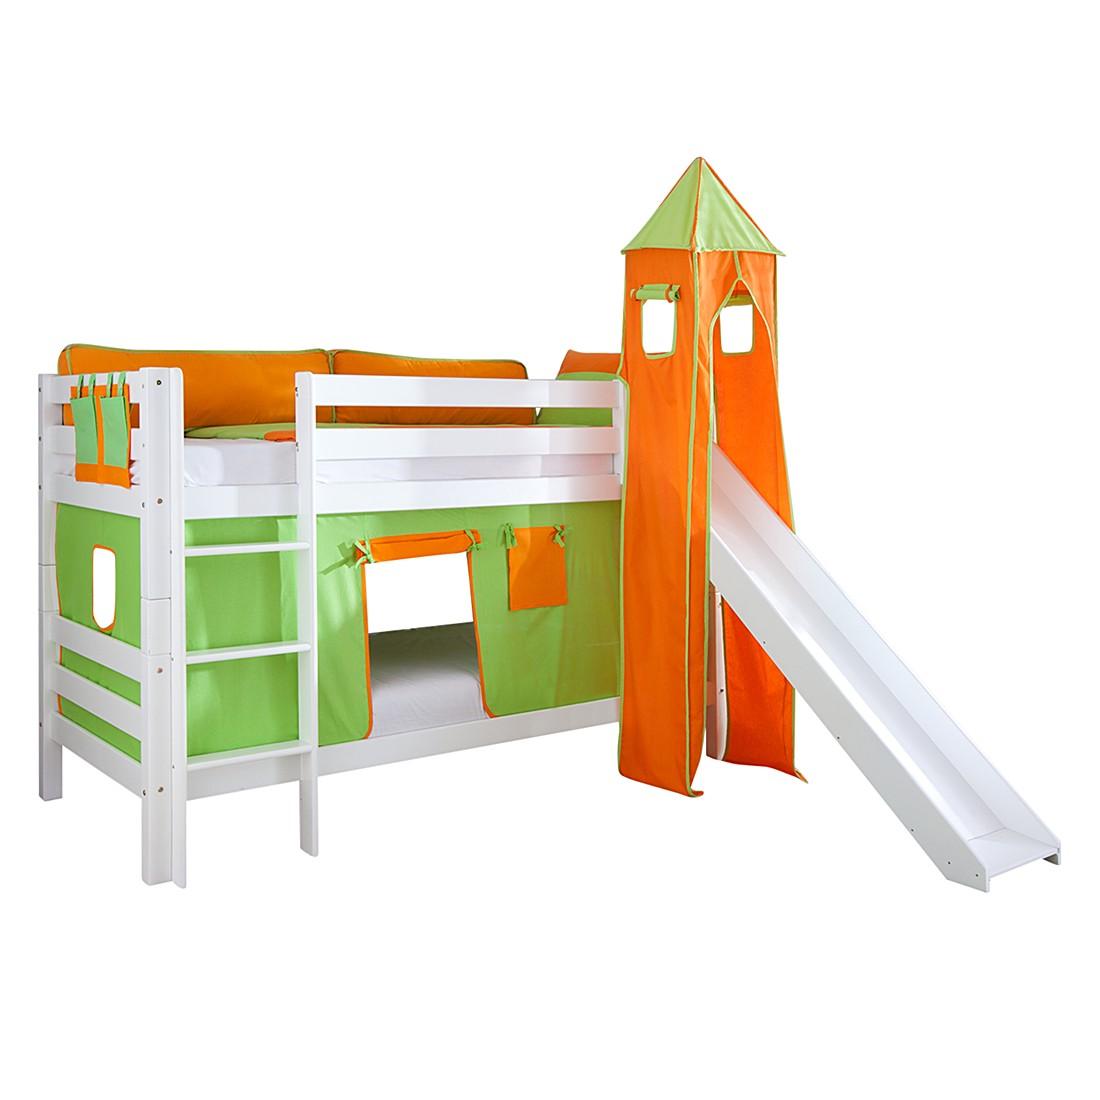 Spielbett Beni - mit Rutsche, Vorhang, Turm und Tasche - Buche massiv weiß lackiert/Textil grün-orange, Relita